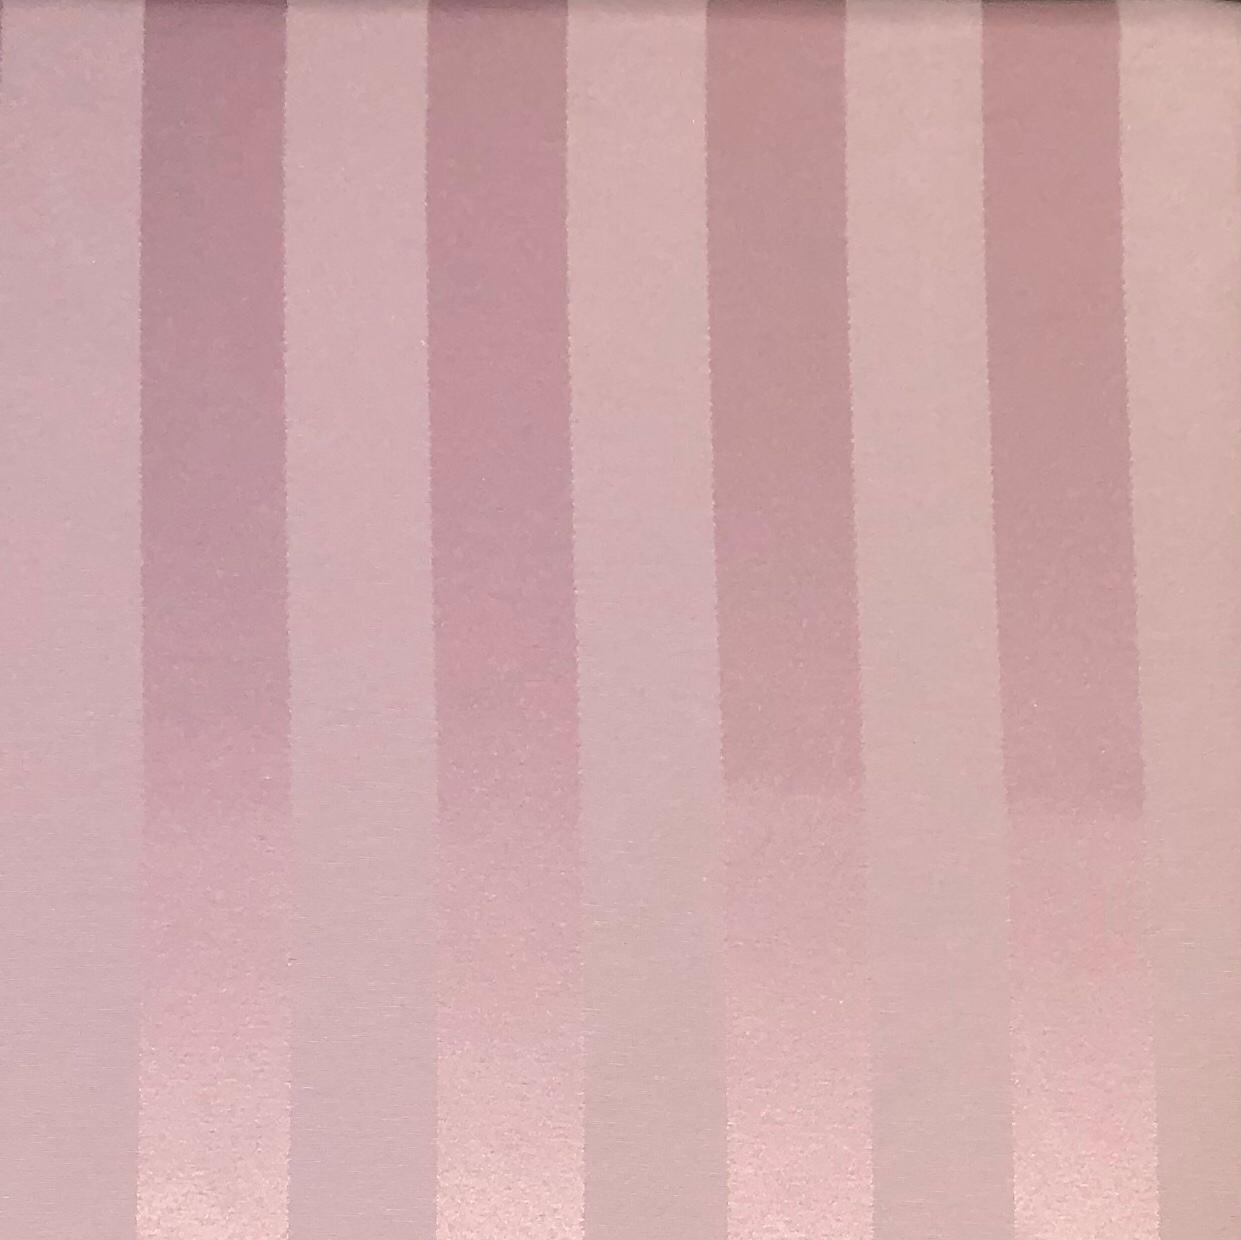 Tecido Jacquard Rosê Listrado 2.80m de Largura